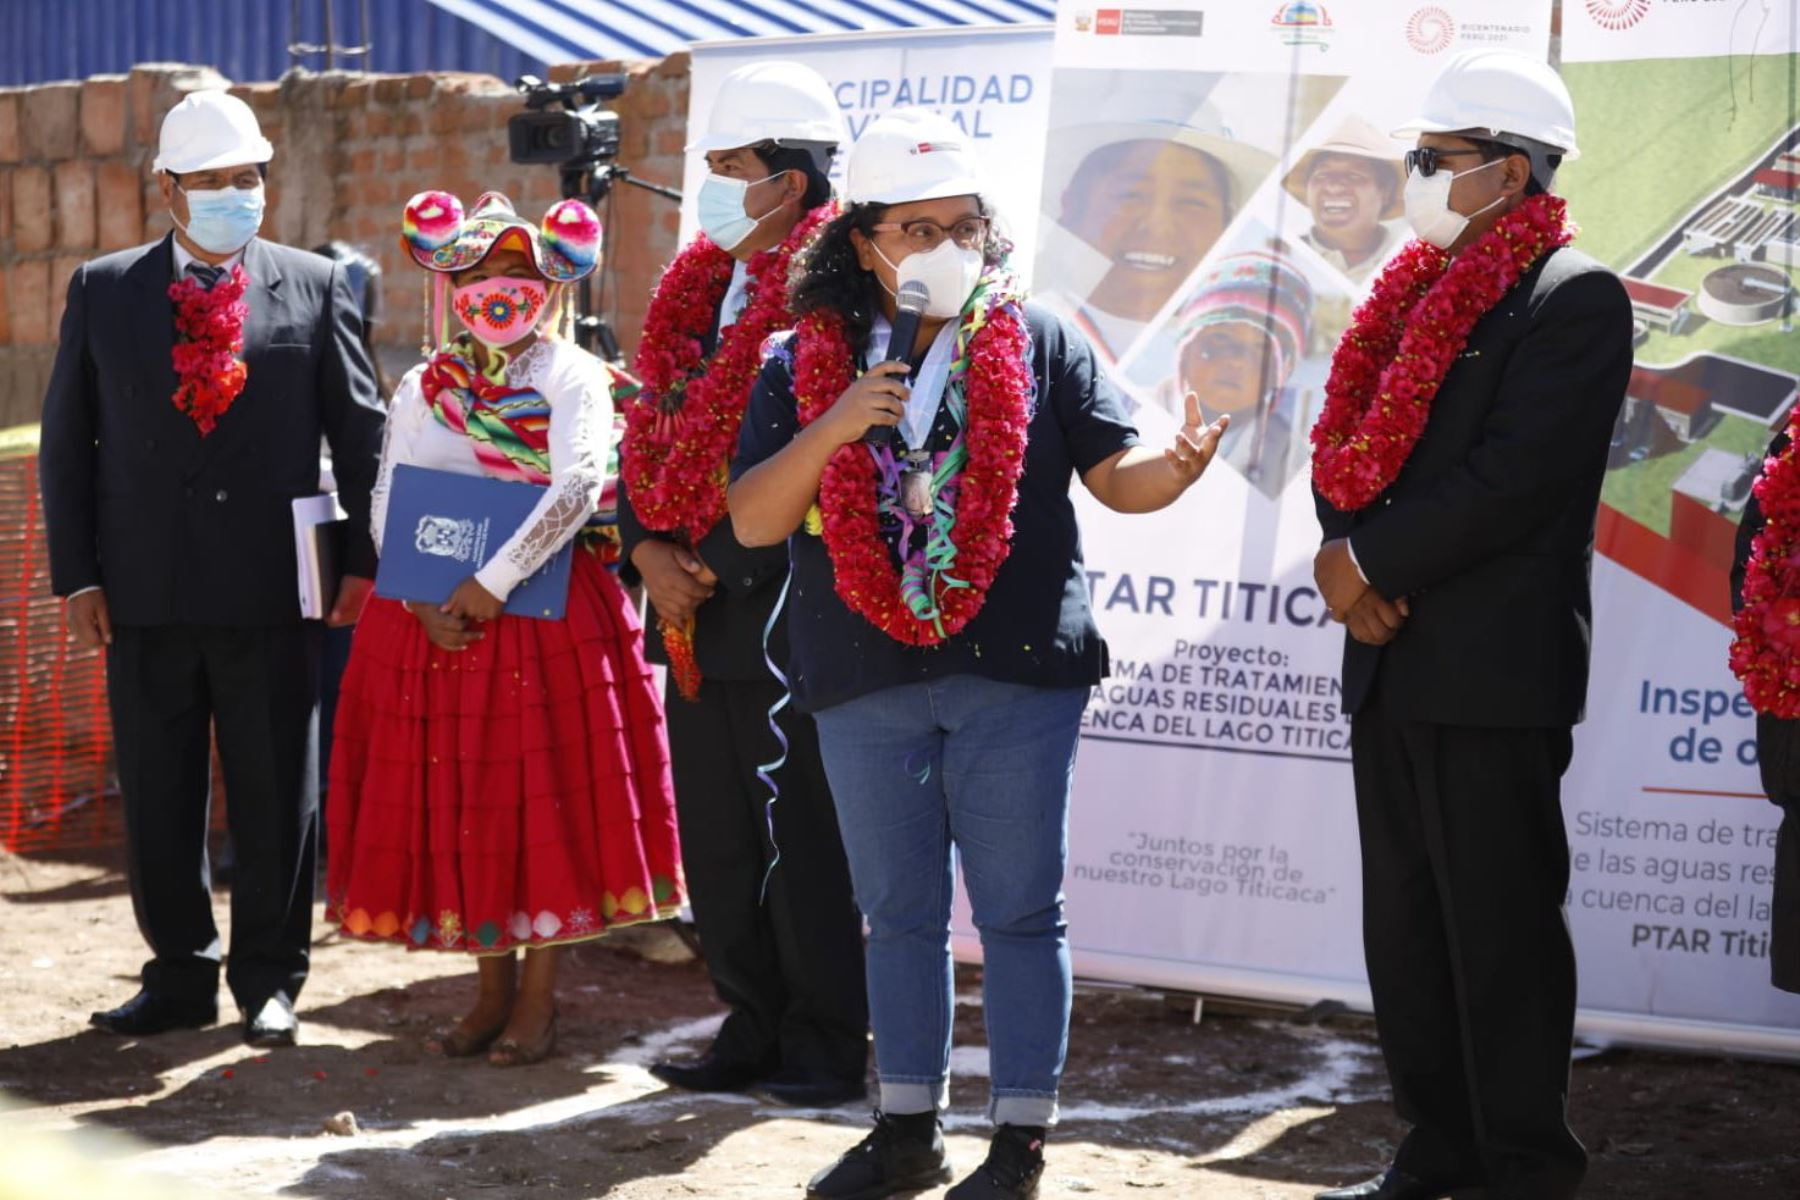 La ministra de Vivienda, Construcción y Saneamiento, Solangel Fernández, supervisó el inicio de las obras de la PTAR Titicaca, en Puno. Foto: ANDINA/MVCS